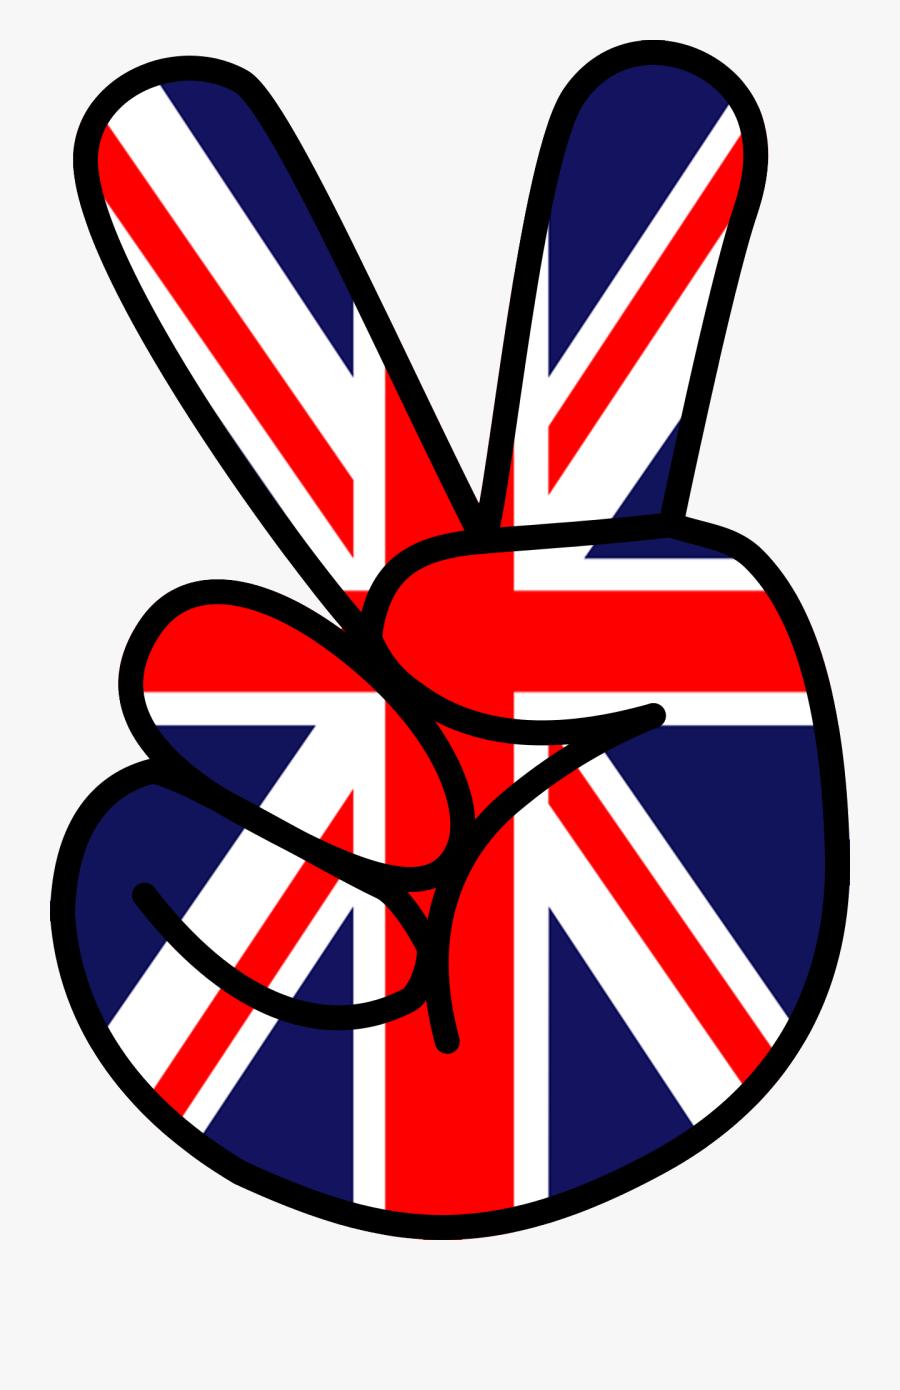 Union Jack Peace Sign, Transparent Clipart